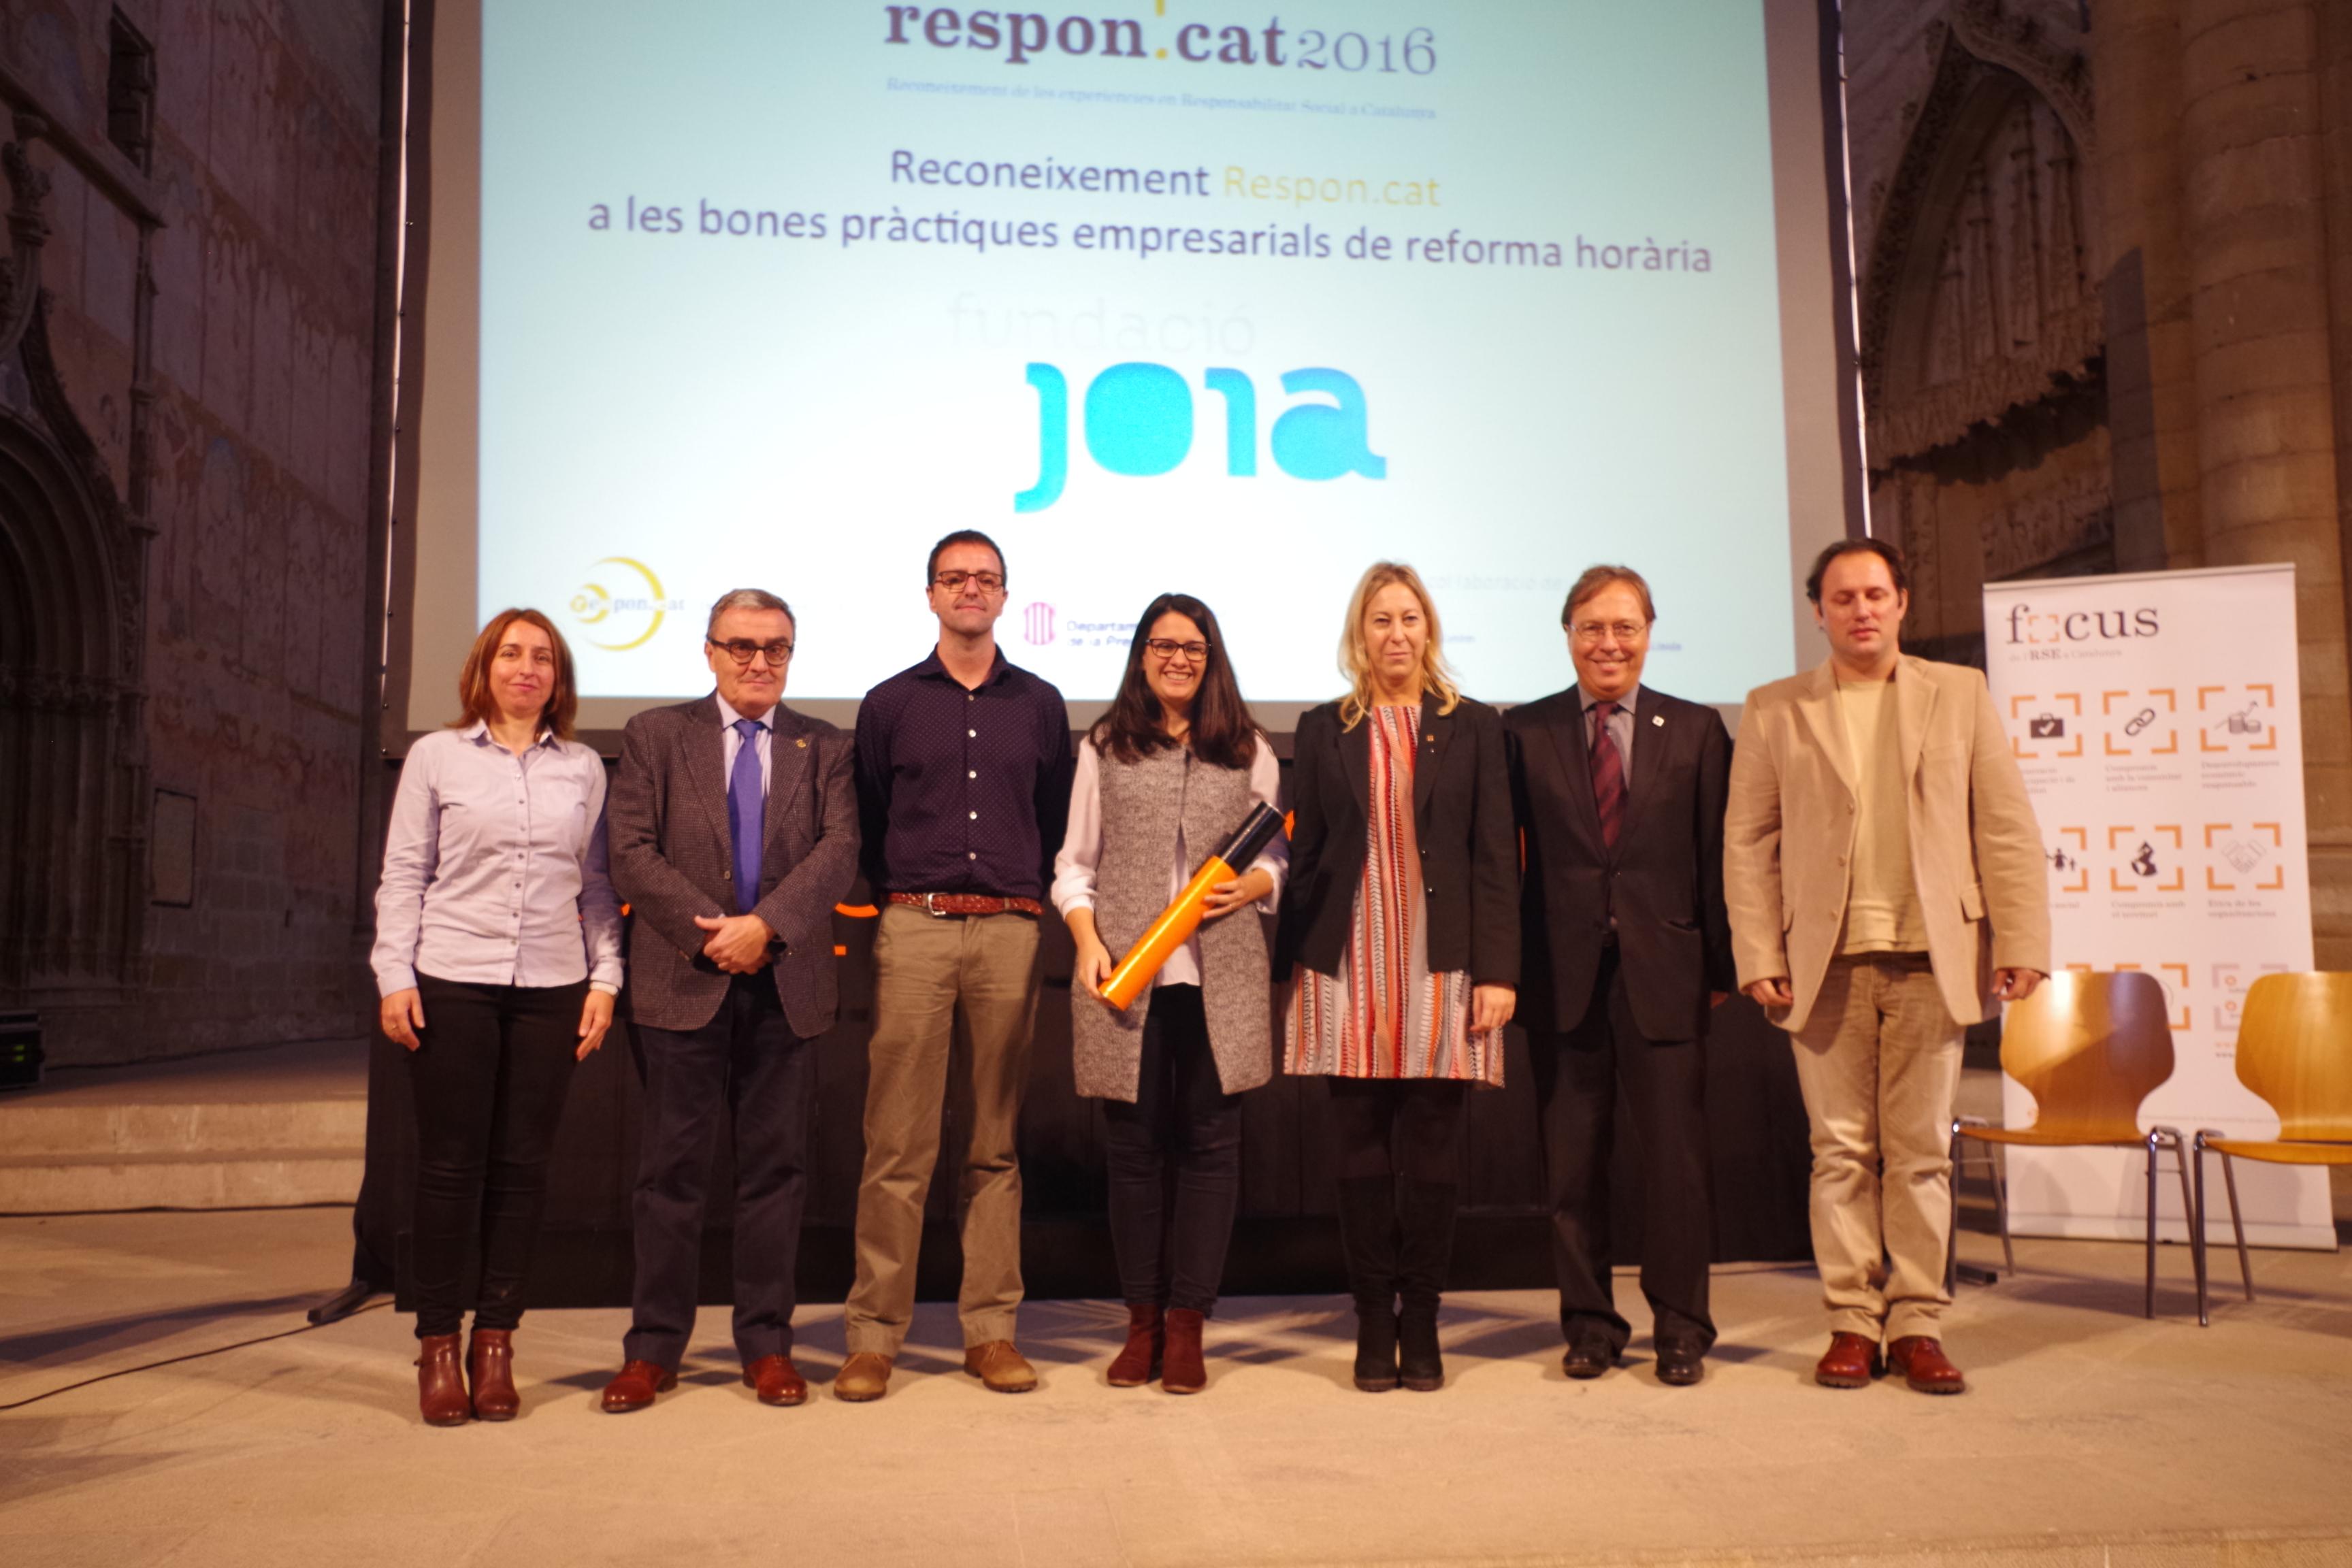 Acte_Premis Respon.cat2016_FundacioJoia